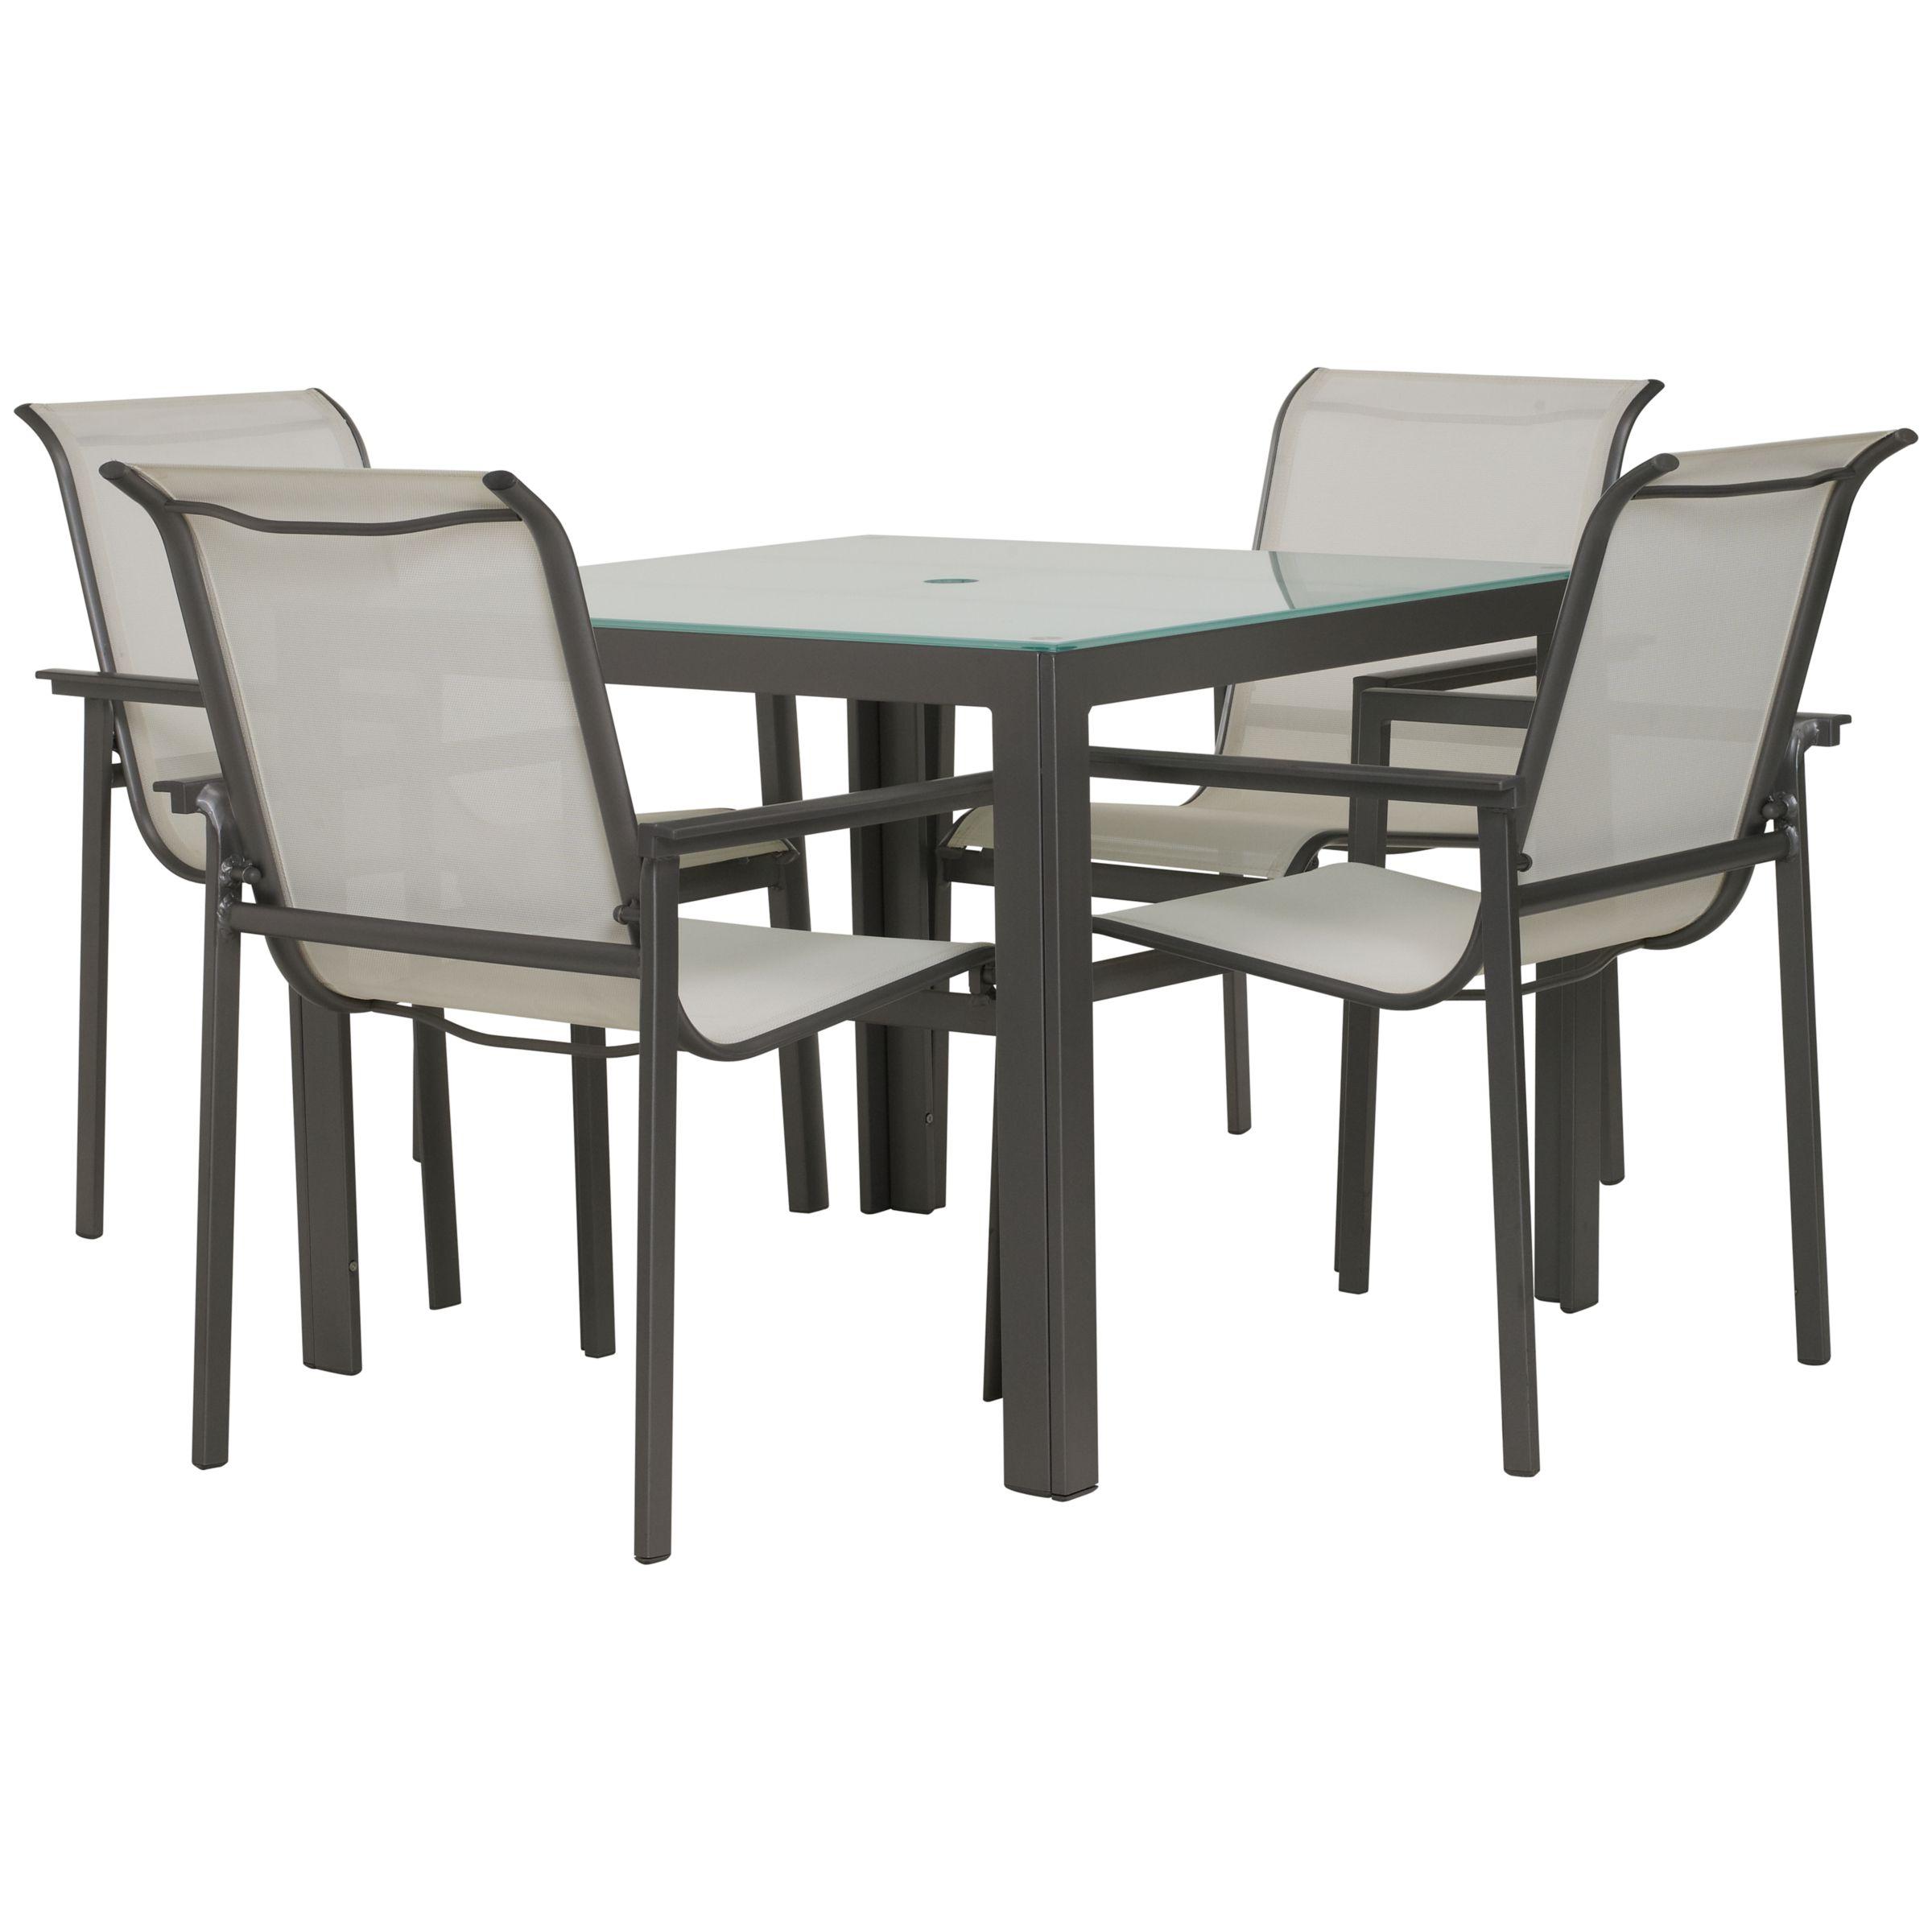 John Lewis Milo Rectangular 4 Seater Outdoor Dining Set, White